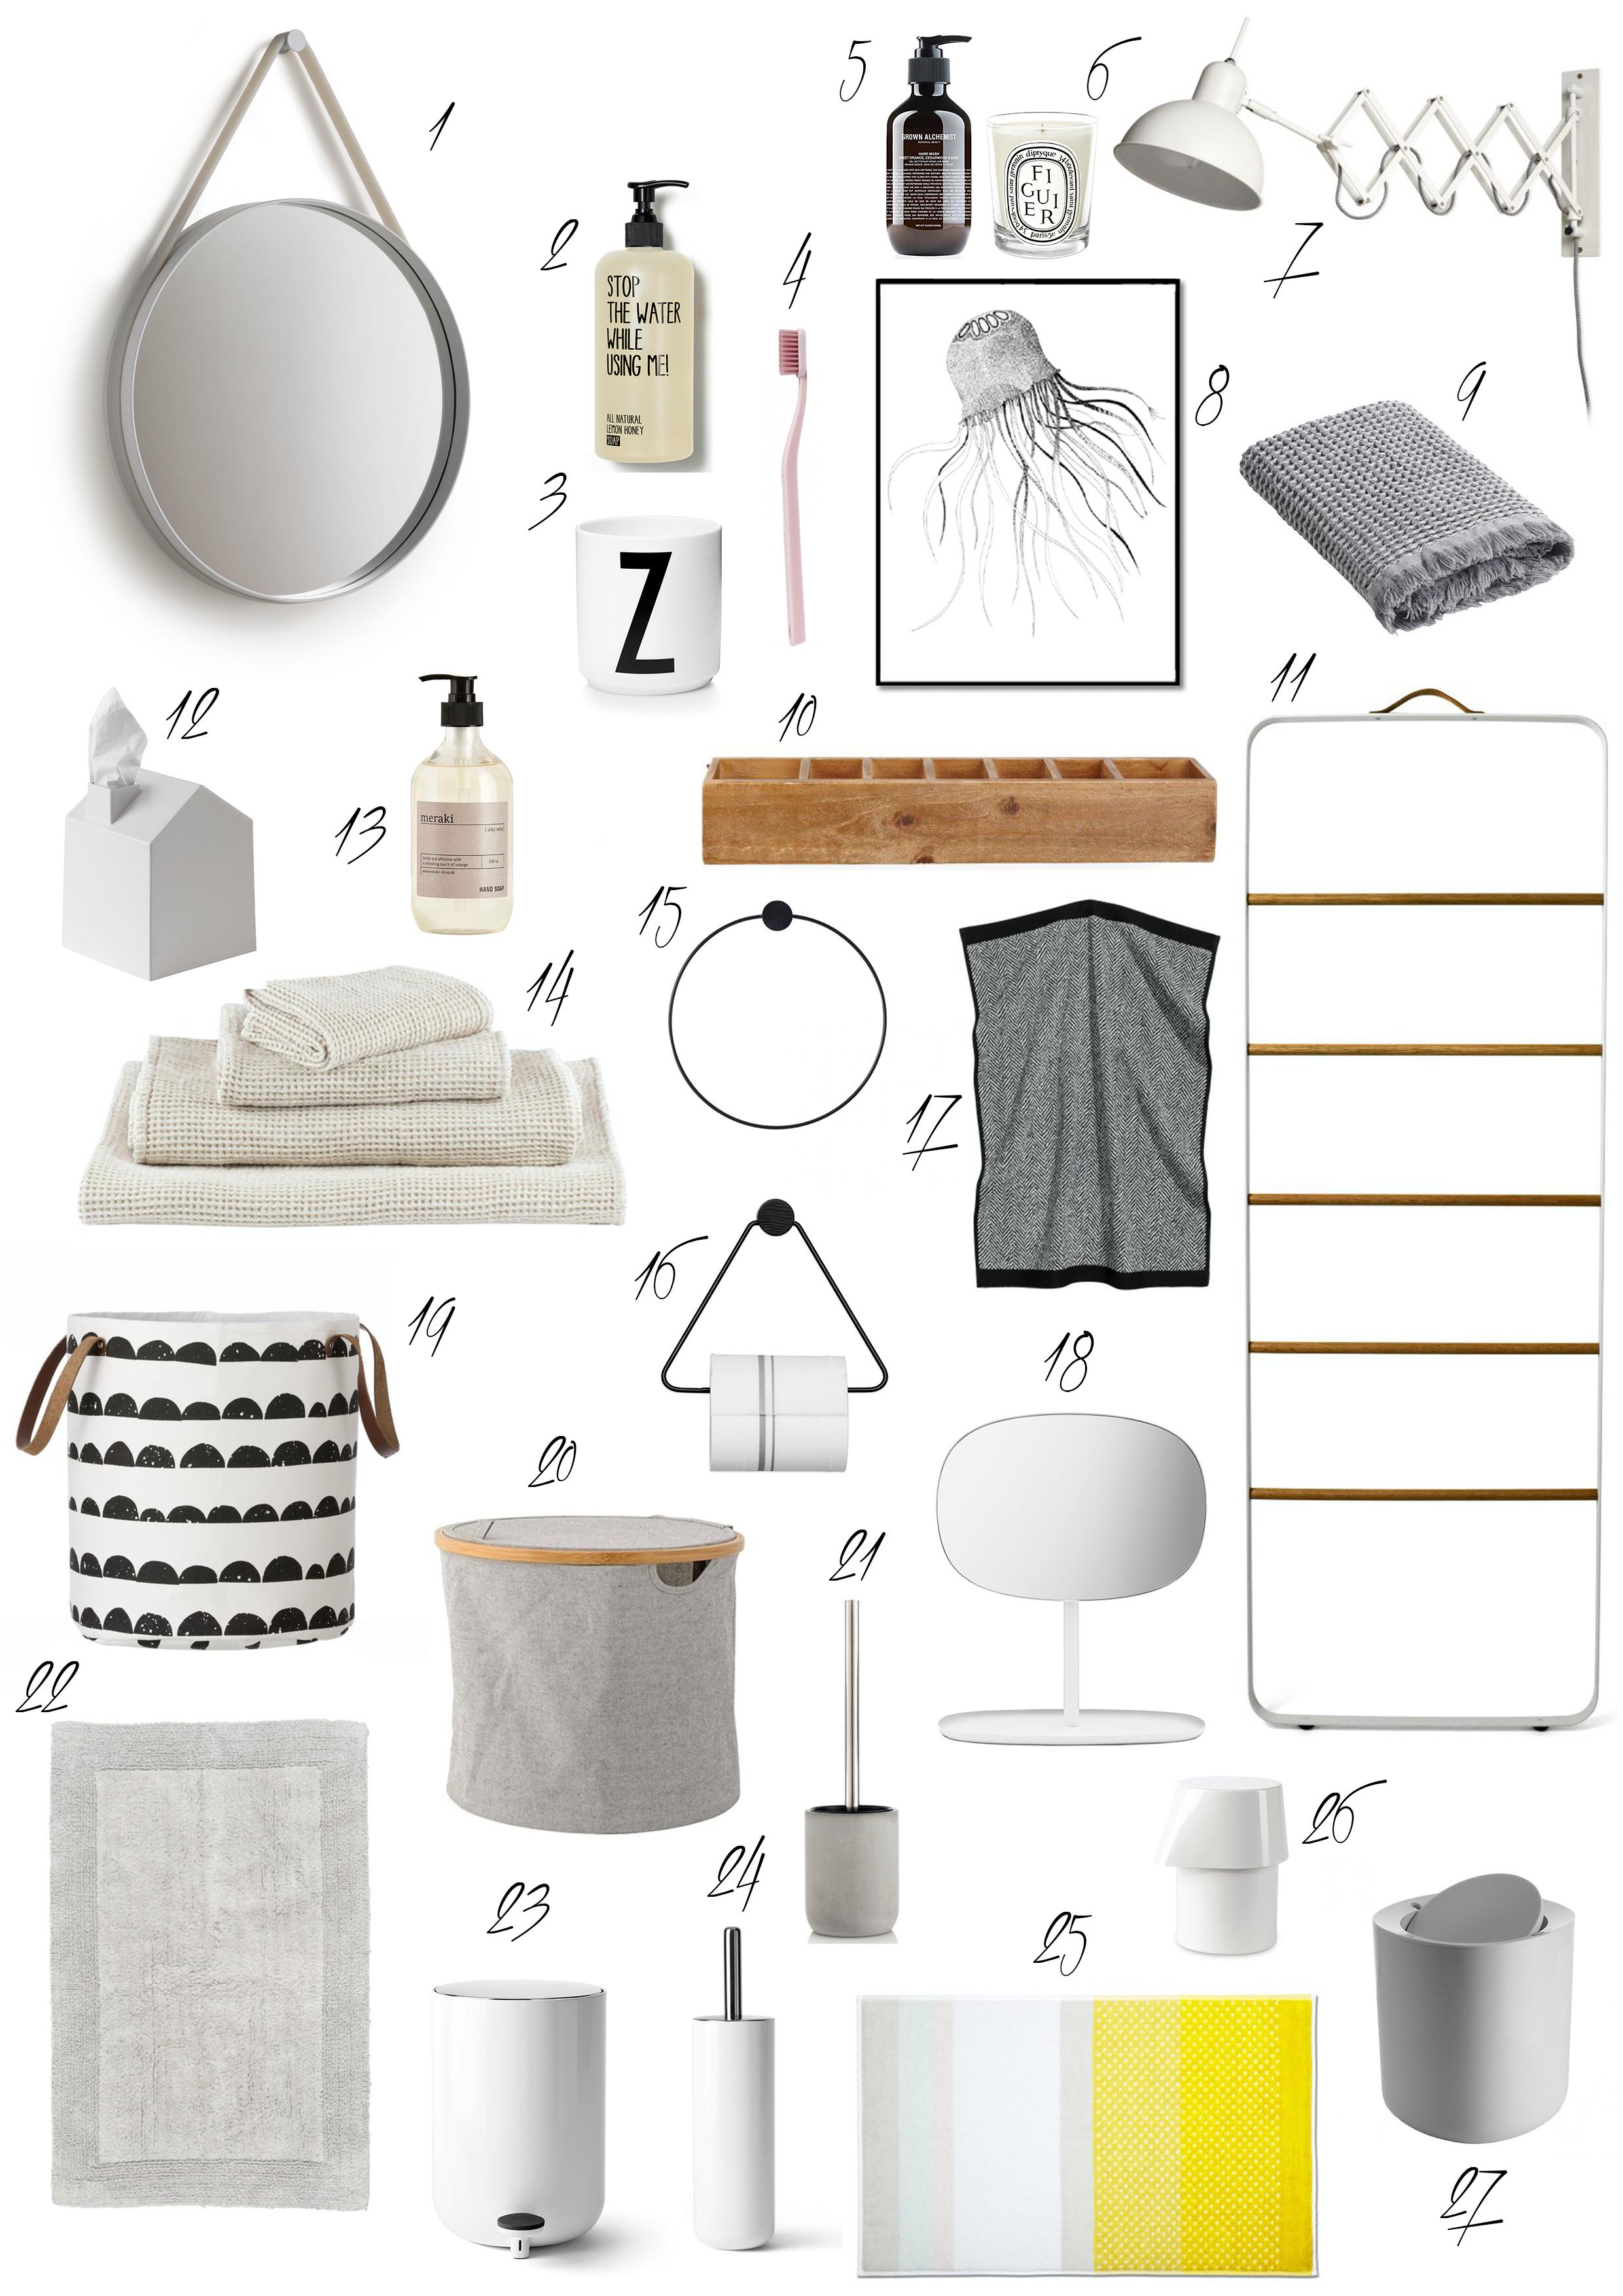 die sch nsten badaccessoires traumzuhause. Black Bedroom Furniture Sets. Home Design Ideas